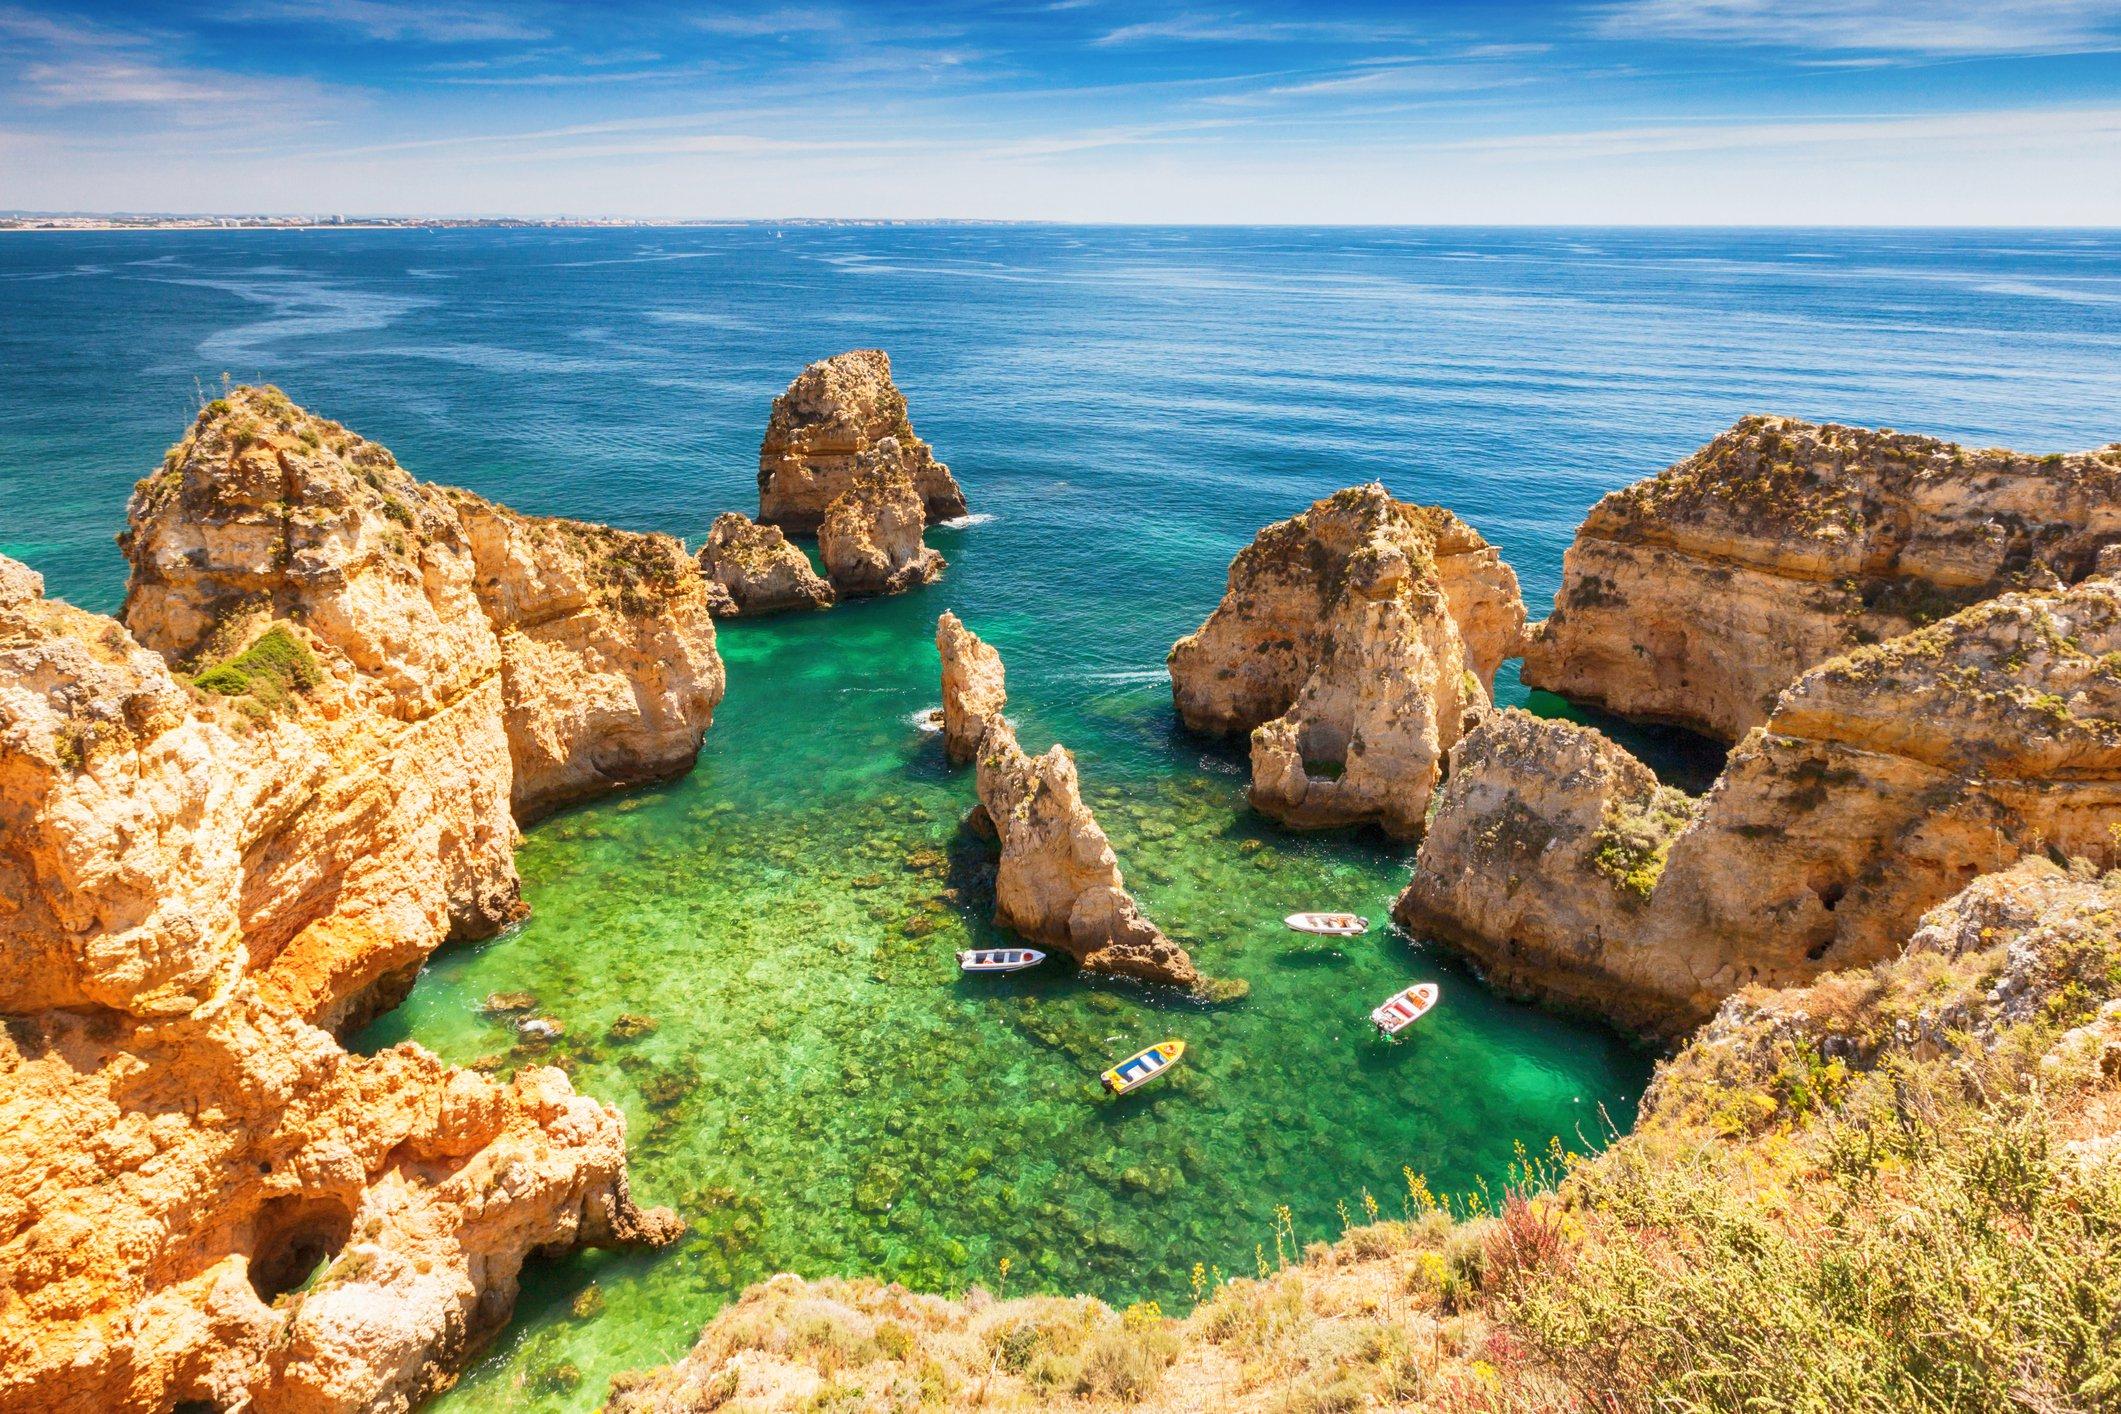 Séjour à Algarve (Portugal) : Vols A/R du 21 novembre au 24 novembre (Départ de Paris, Marseille, Toulouse, Bordeaux ou Nantes) + Hôtel 3Nuits à partir de 53€ (par personne)